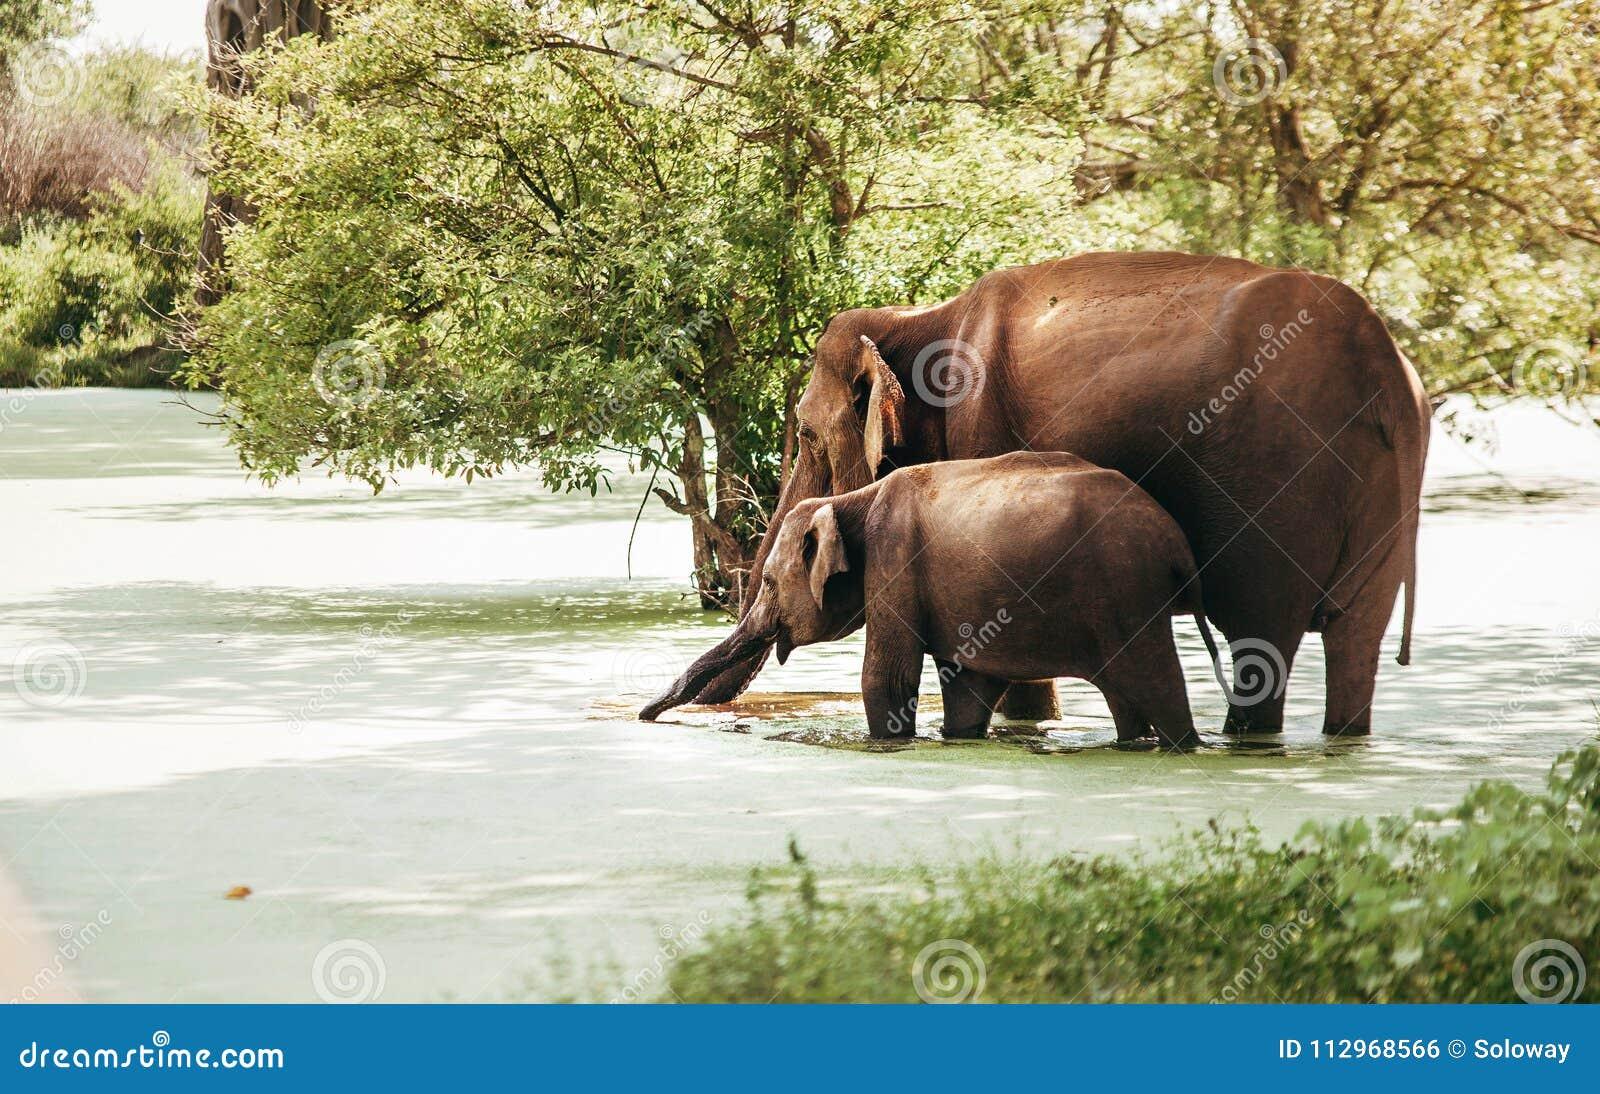 De moeder en de baby elefants drinken water van moerassige vijver in nationa